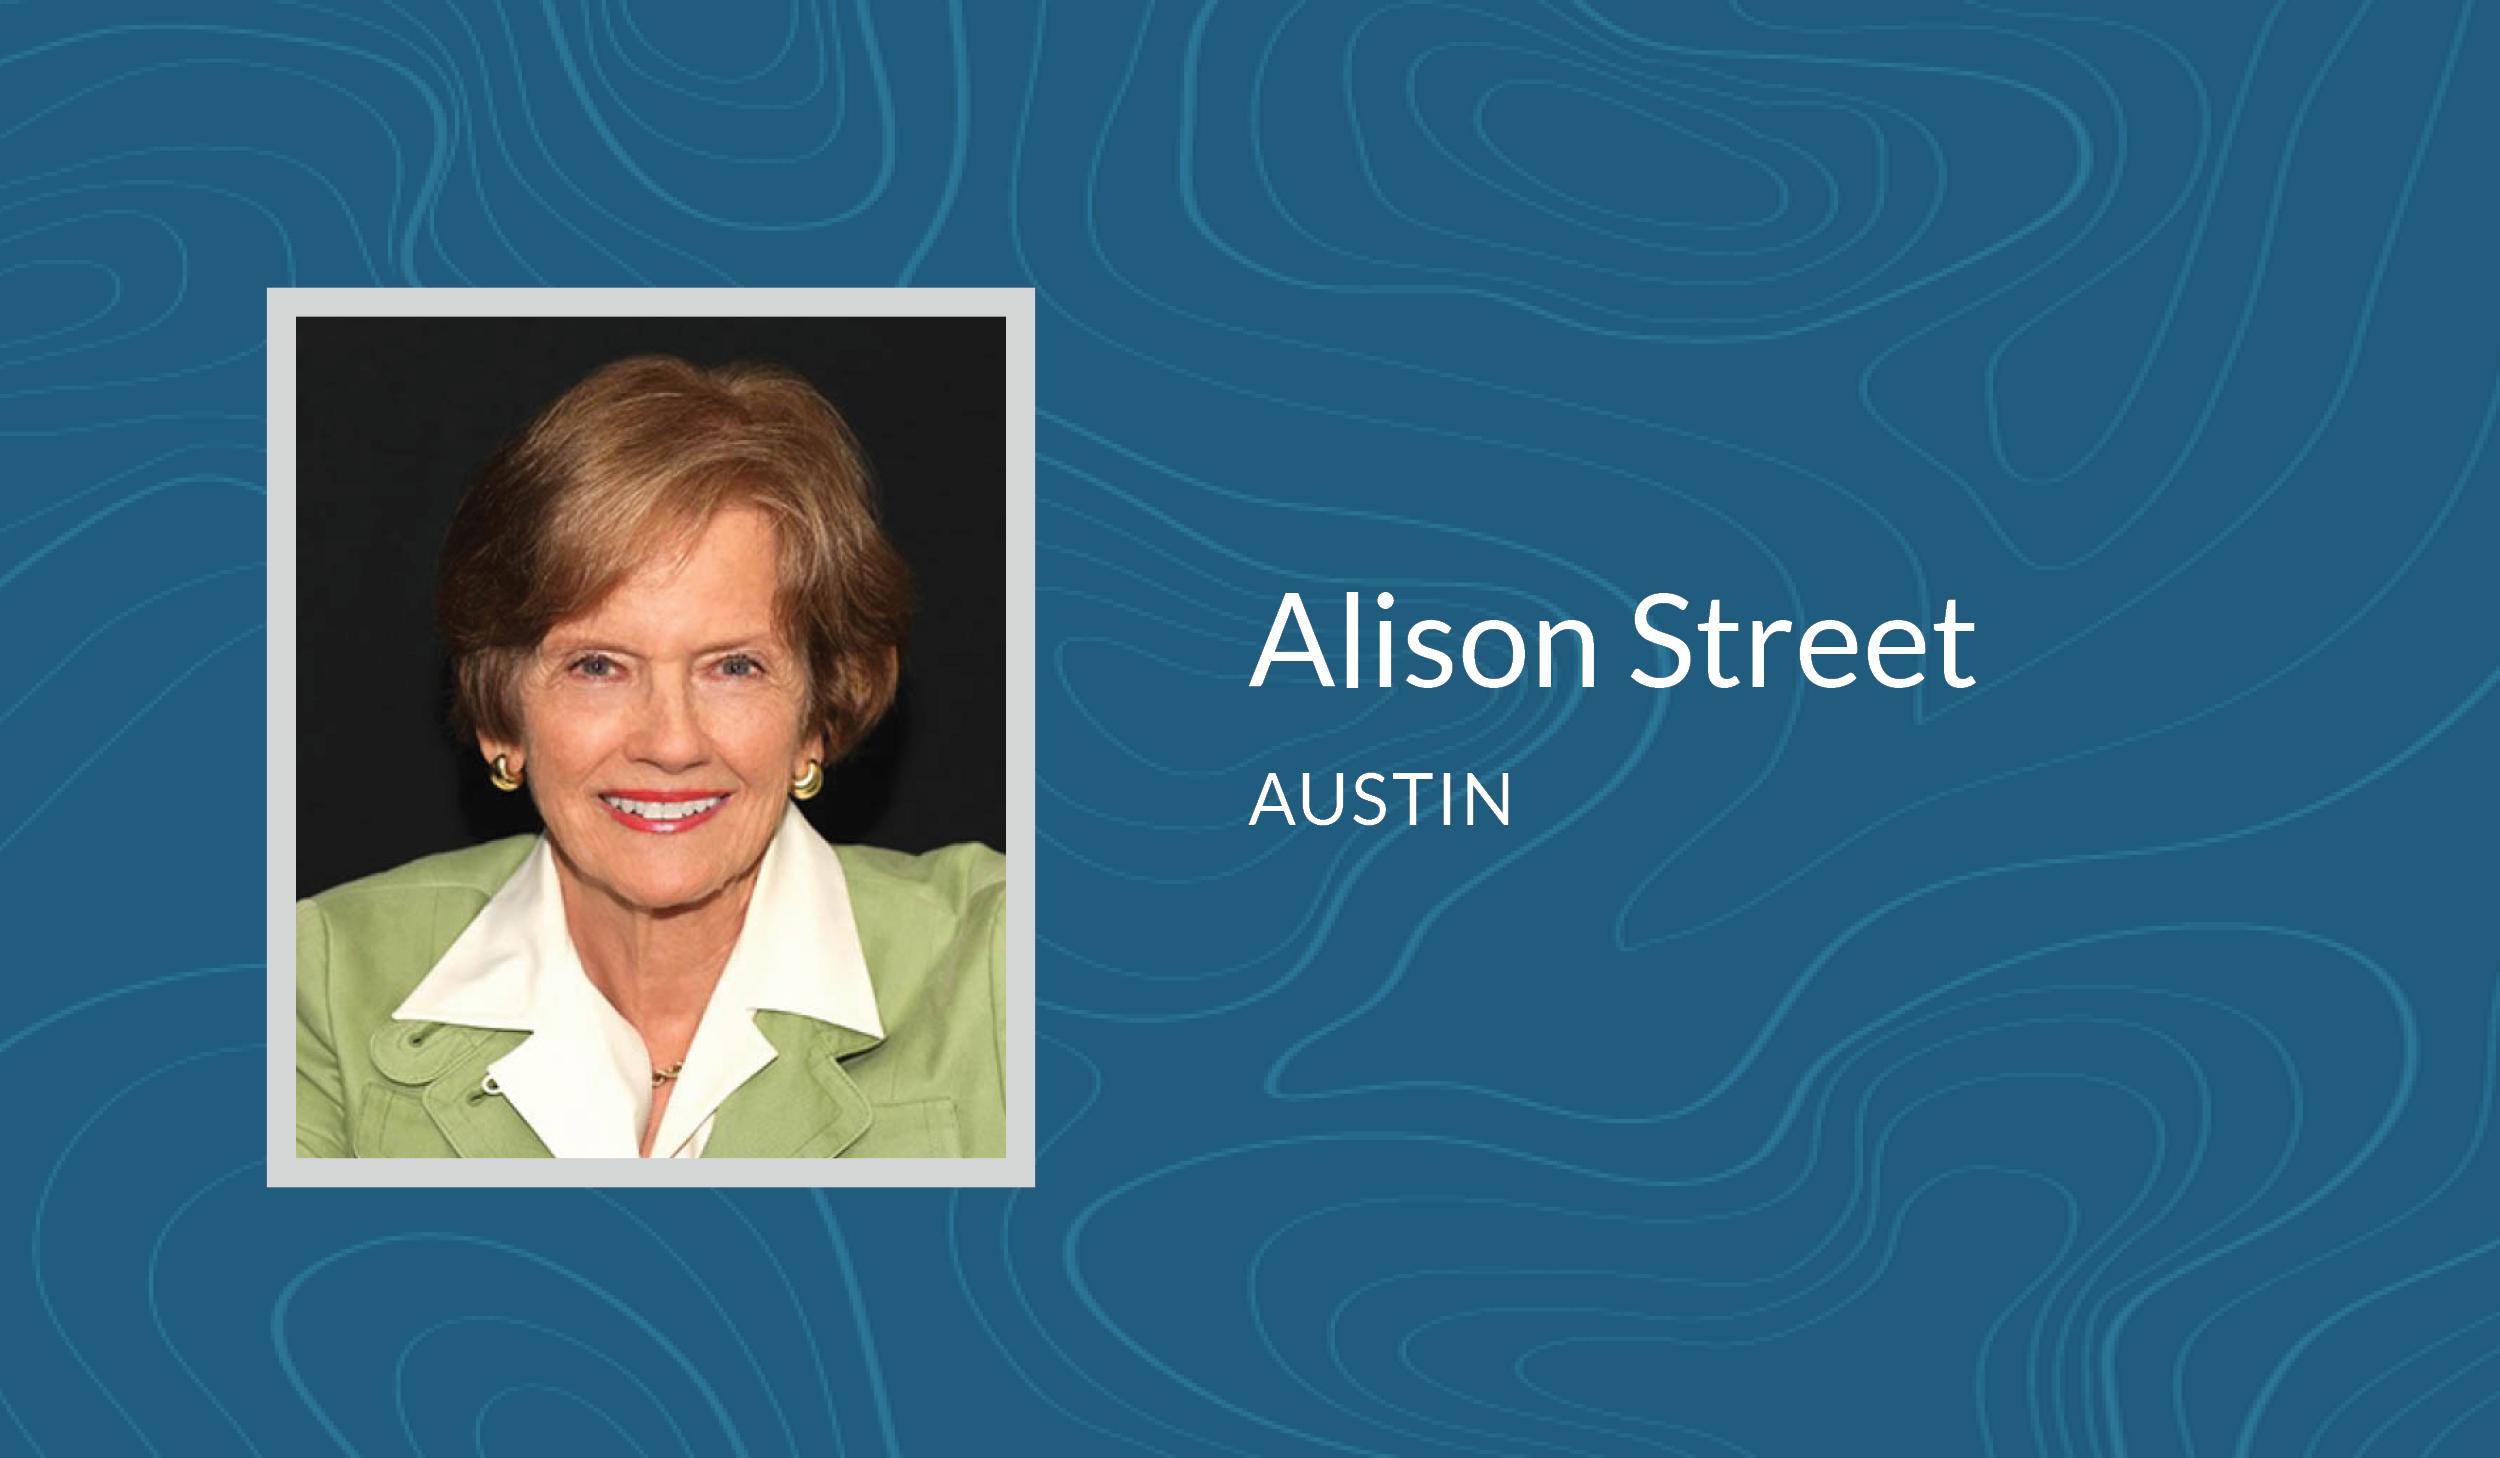 Alison Street Landing Page Headers.png